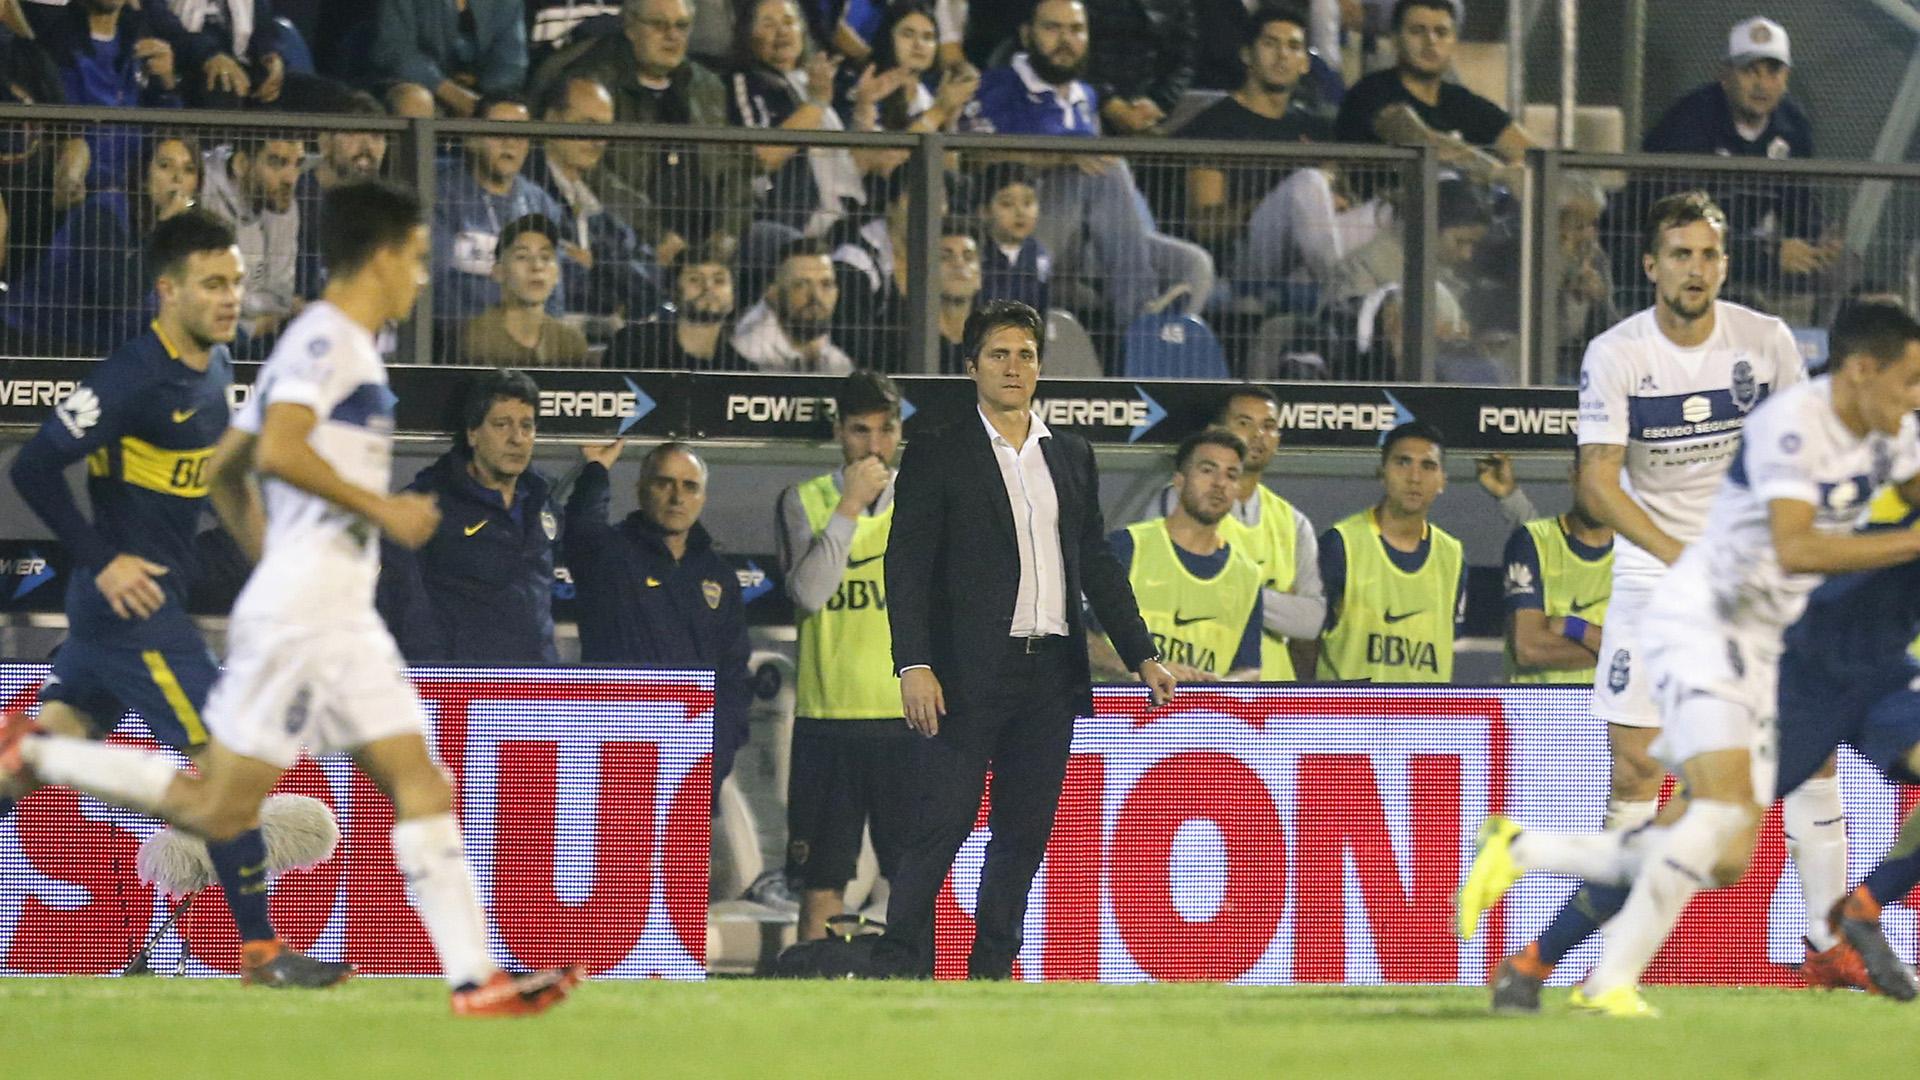 Guillermo Barros Schelotto vivió el duelo con mucho nerviosismo